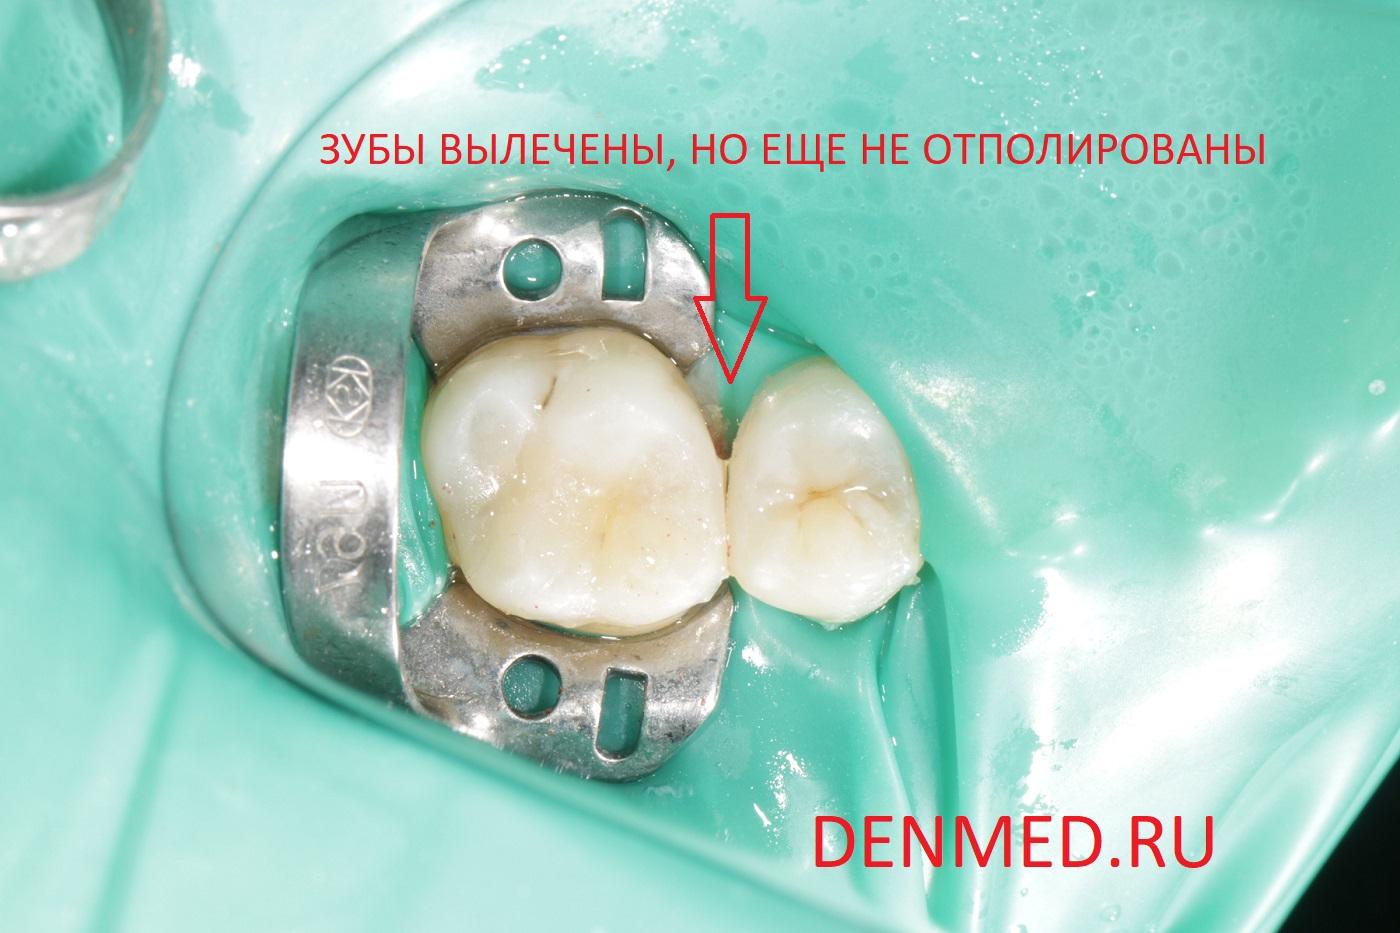 Вот так выглядит только что выполненная реставрация двух зубов. Еще не отполирована и не введена в прикус